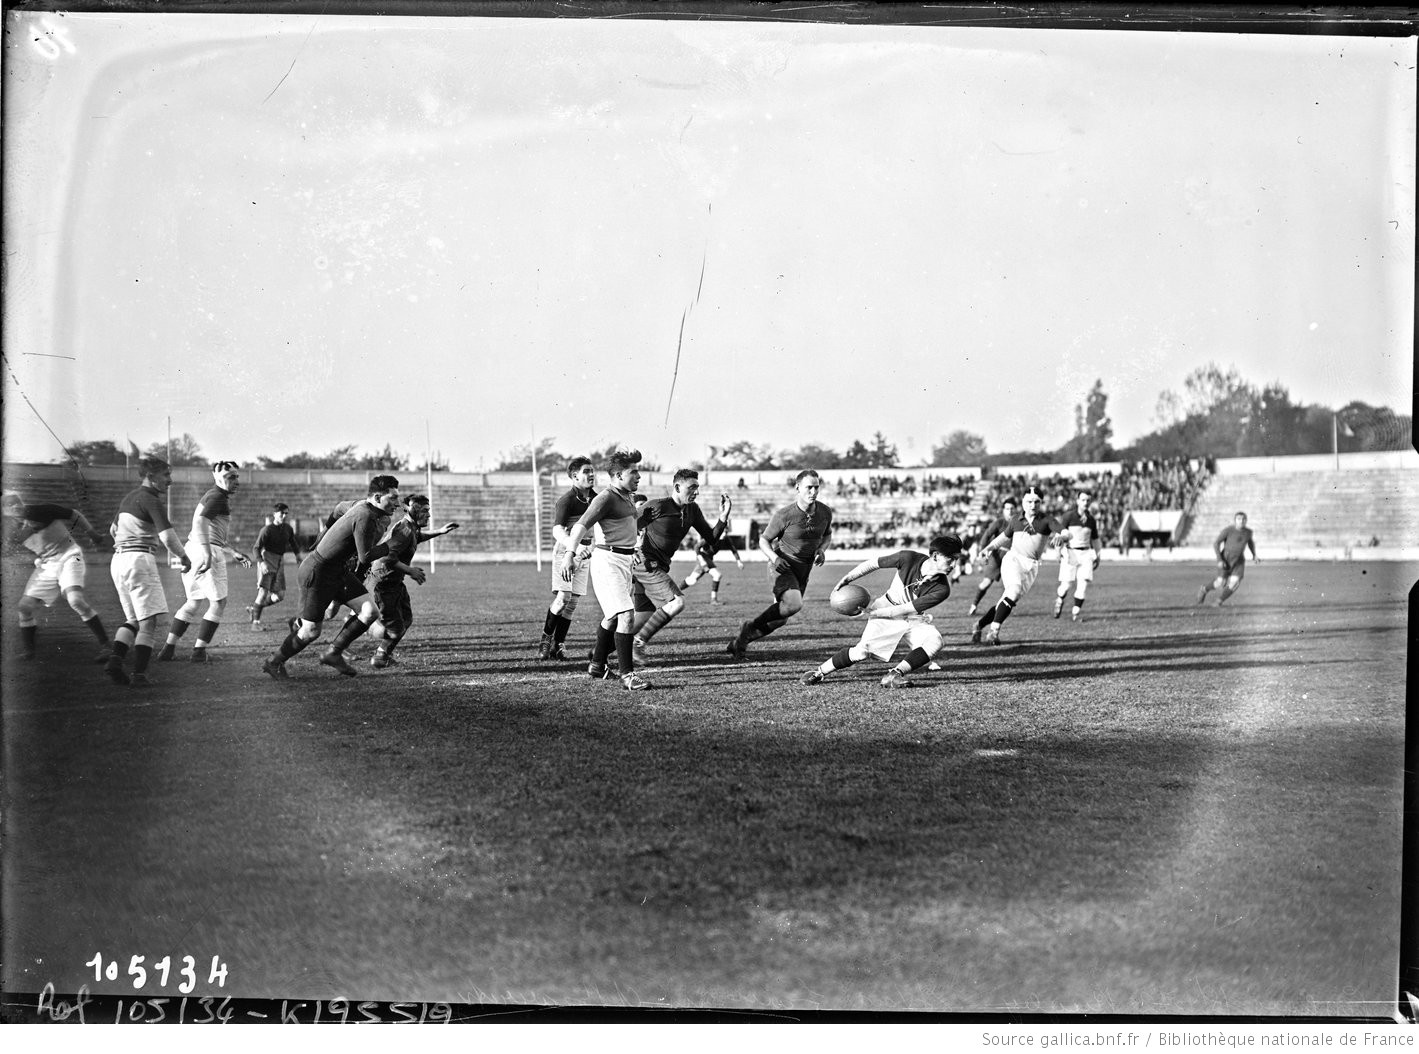 [Stade] Pershing, 18/10/25, [match de] rugby, Stade français contre Biarritz : [photographie de presse] / [Agence Rol]